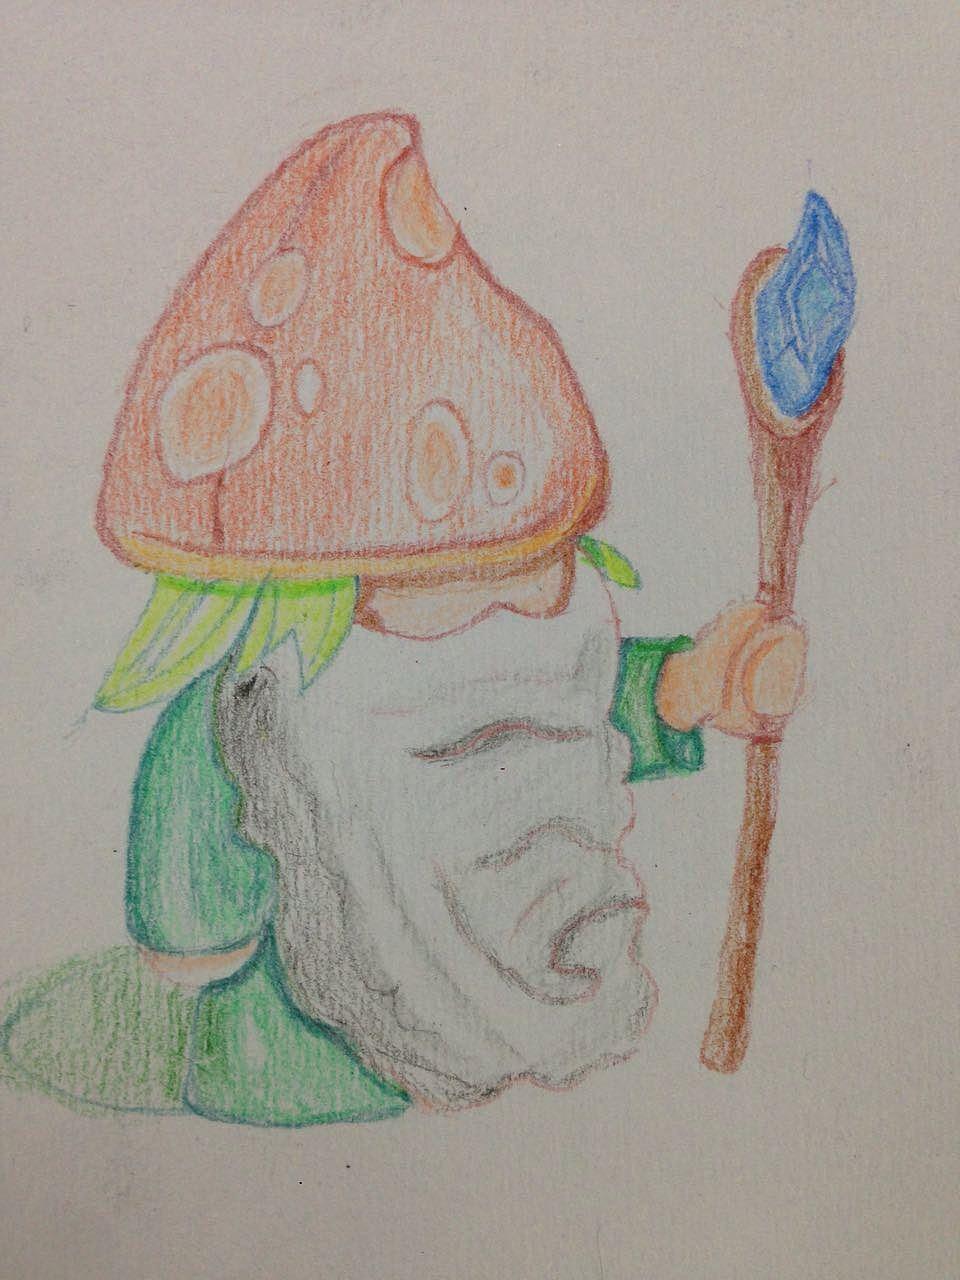 几张素描和彩色笔画图